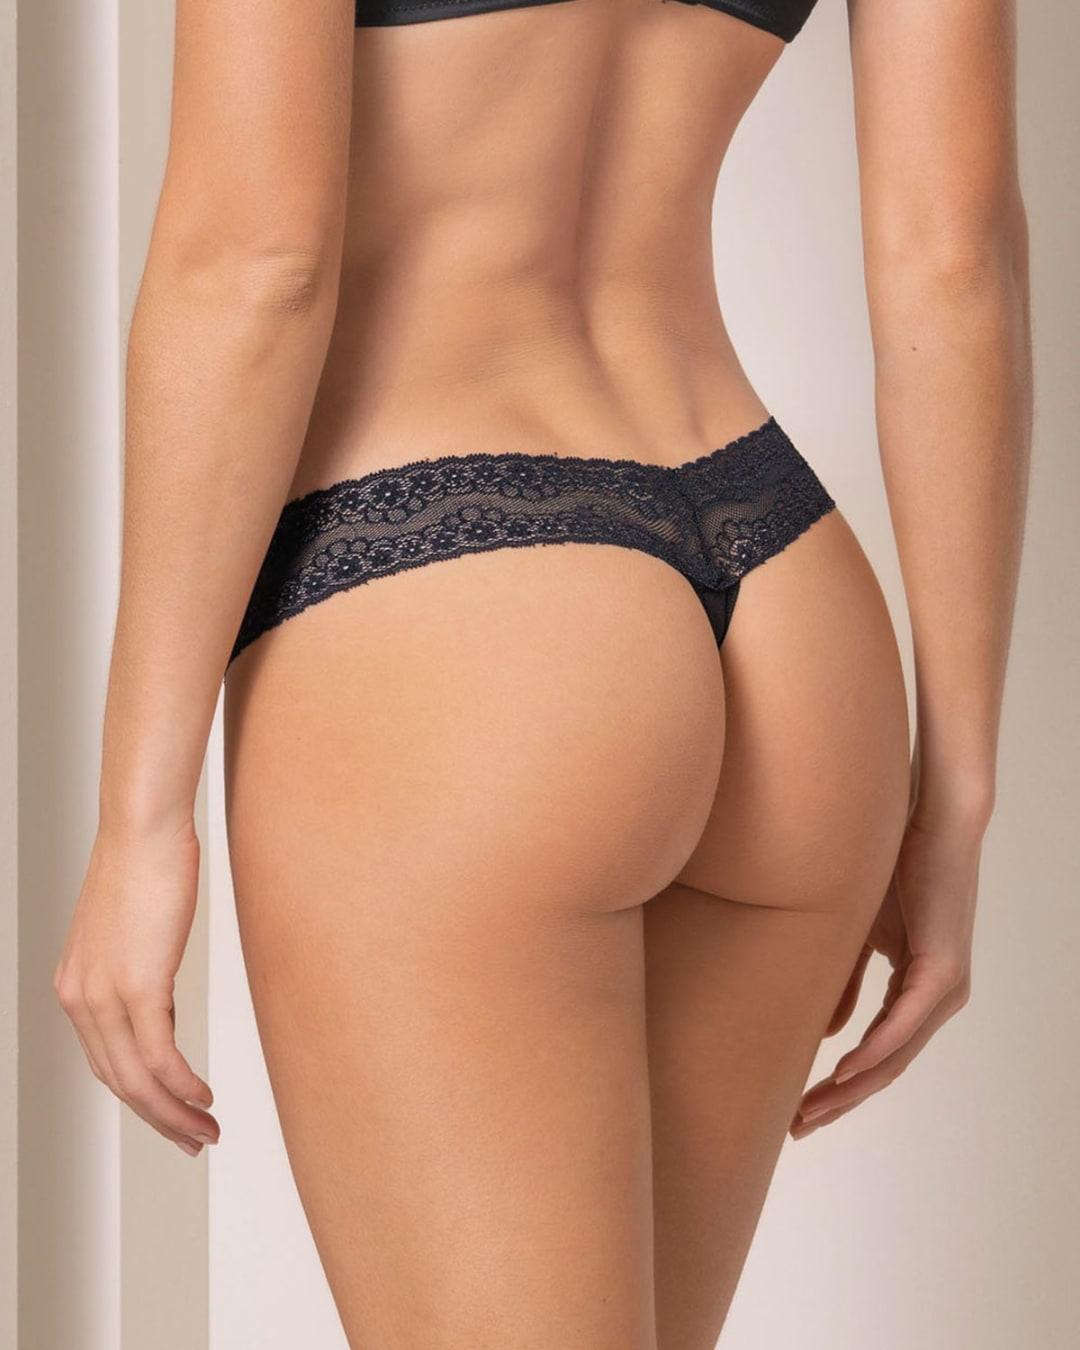 TININNA Cors/é Cintura Cintur/ón,Mujer Bragas Braguitas Calzones Abdomen Body Corset Lencer/ía Tirantes Chinlon Shapewear Push-up Negro XXXL